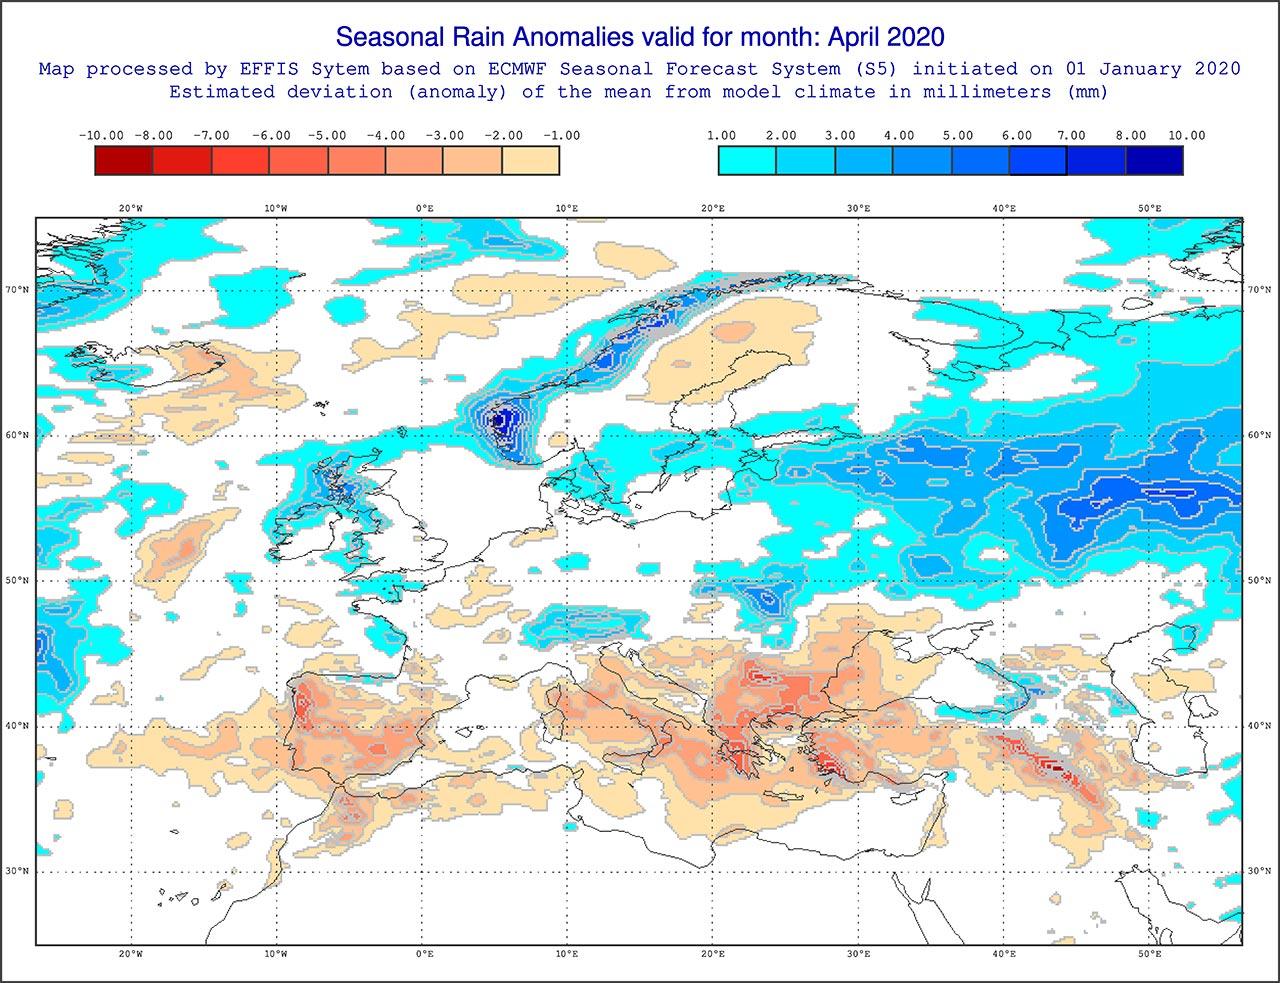 Anomalie di precipitazione previste dal modello ECMWF per aprile 2020 - effis.jrc.ec.europa.eu